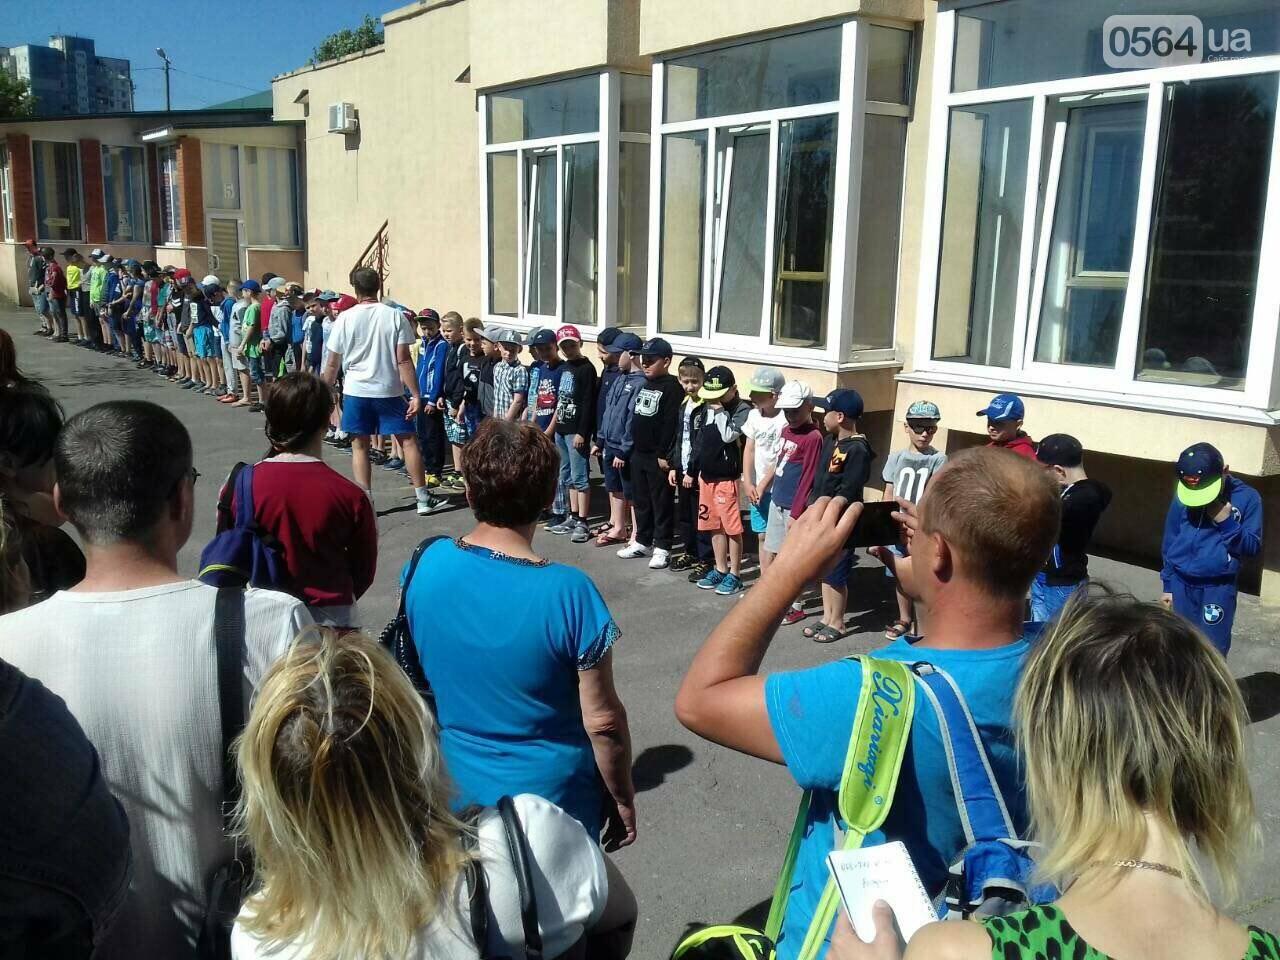 Юные криворожские спортсмены открыли летний сезон в спортивном лагере, - ФОТО, фото-11